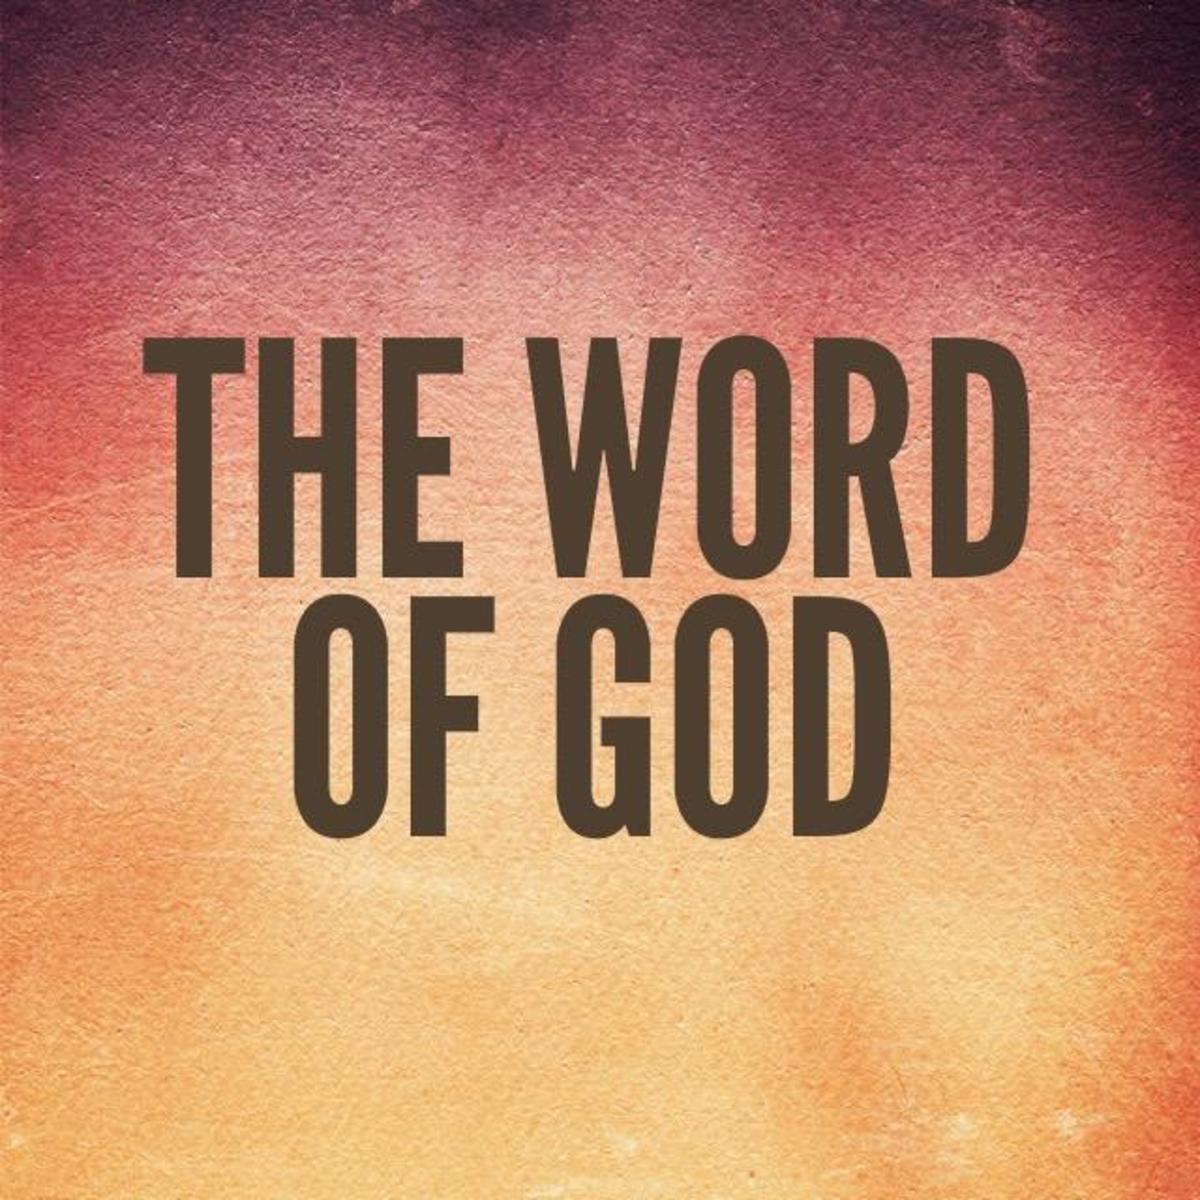 5 Unique Ways to Describe God's Word